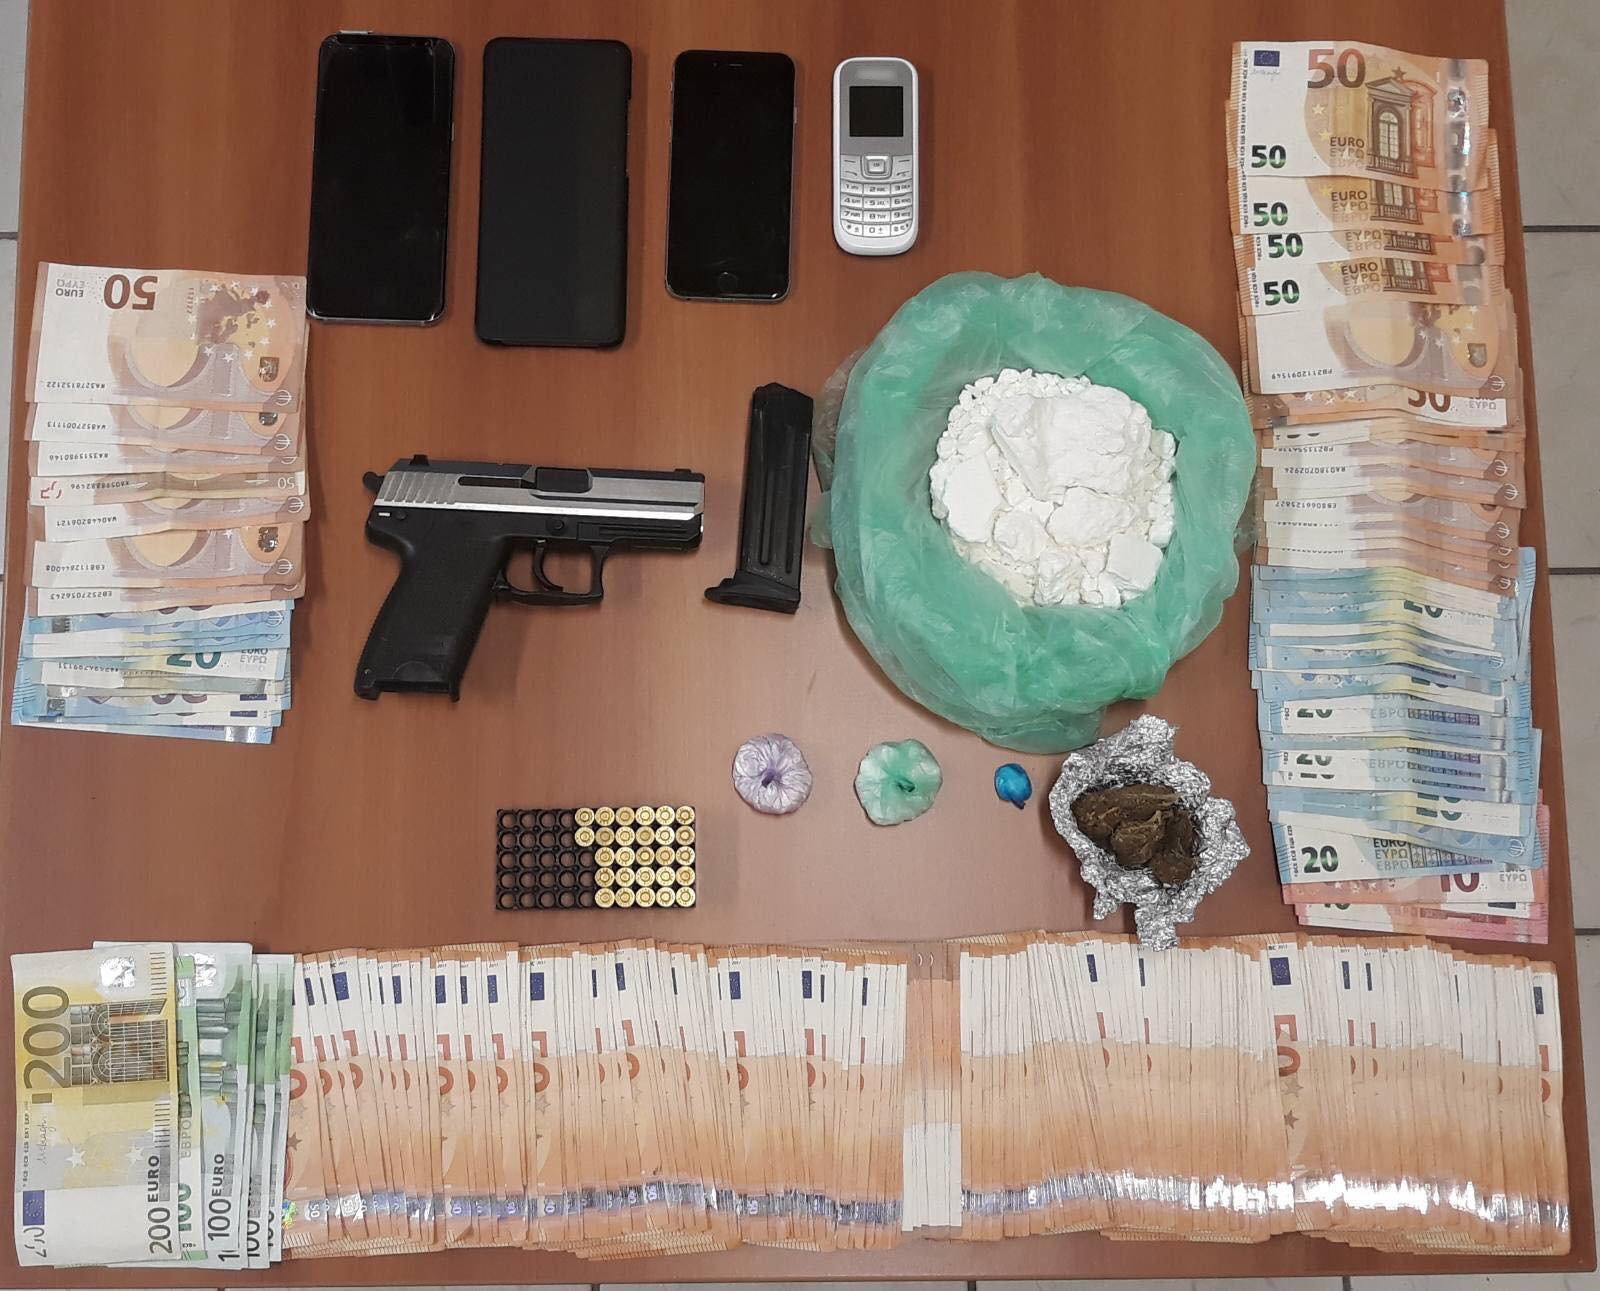 Το πιστόλι αστυνομικού βρέθηκε σε διακινητές ναρκωτικών στην Ημαθία – Ο ένας διώκεται από την Interpol